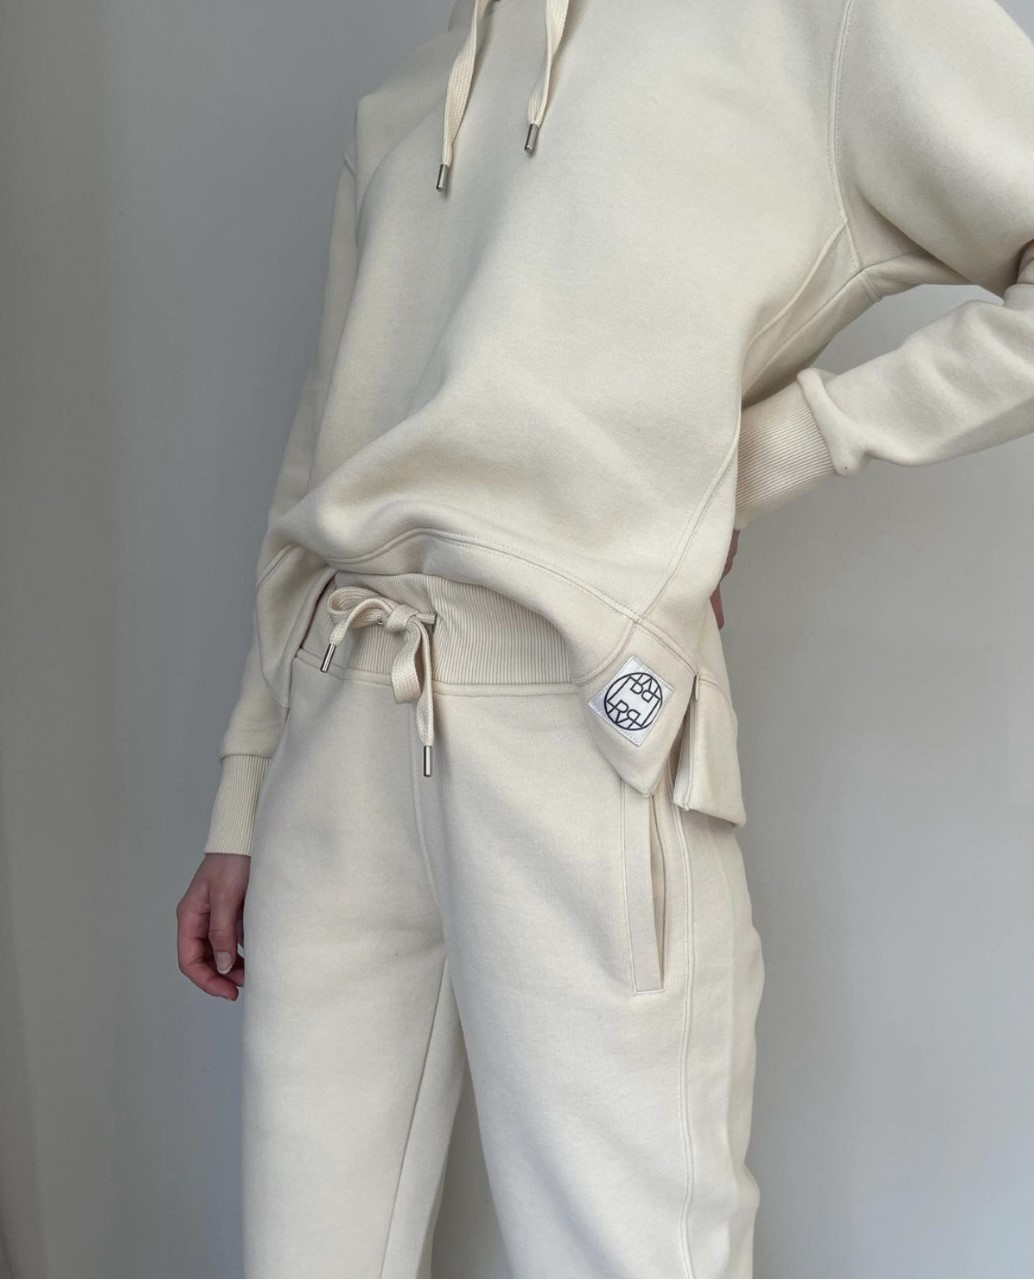 Leveteroom Nuka College Bukse Pants